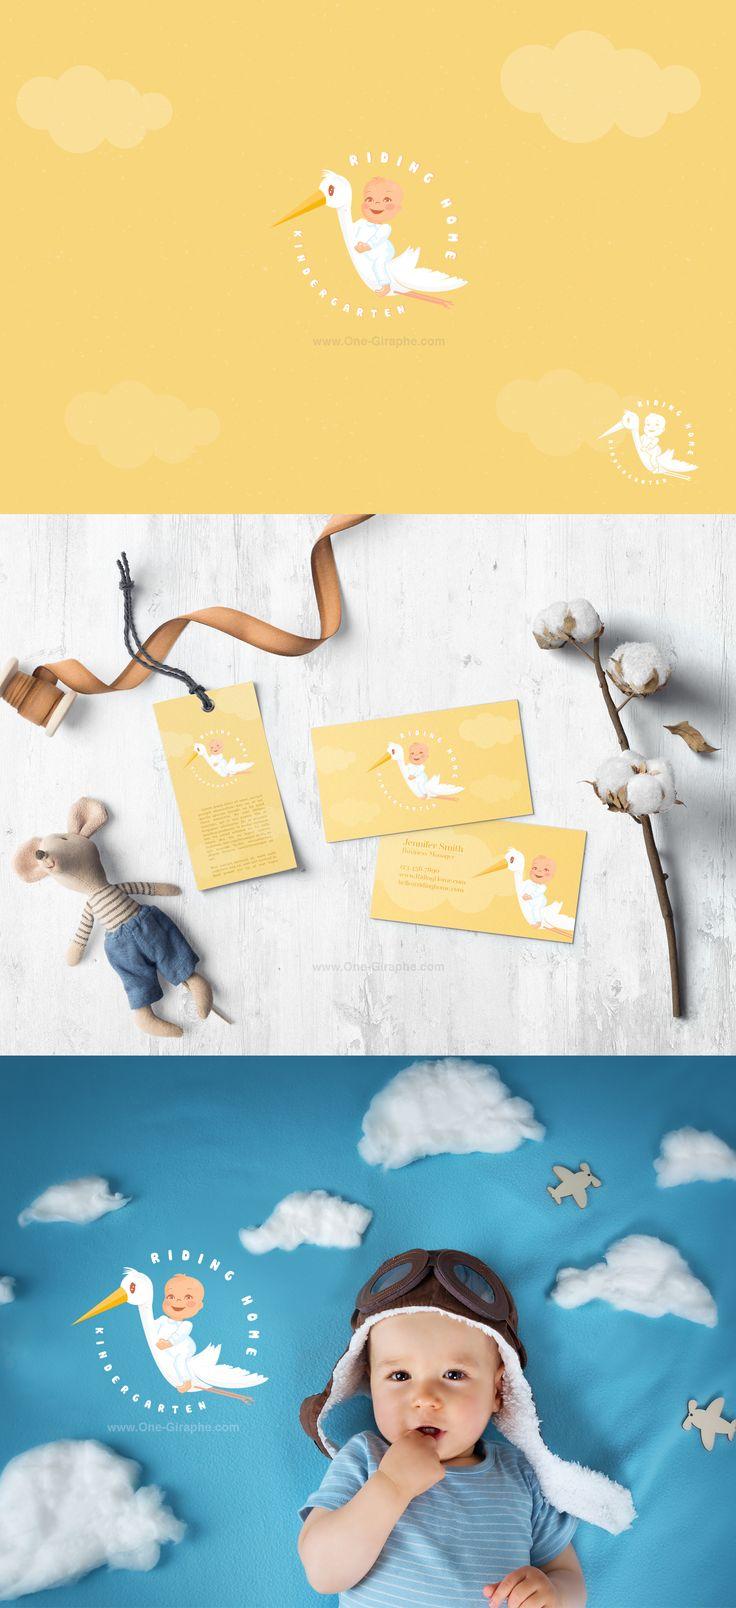 Riding Home -logo for sale! http://one-giraphe.com/prev.php?c=236 #baby #logo #etsy #etsyseller #nursery #sweet #love #logodesign #behance #inspiration #love #babylogo #angel #graphic #graphicdesign #logo #logos #stork